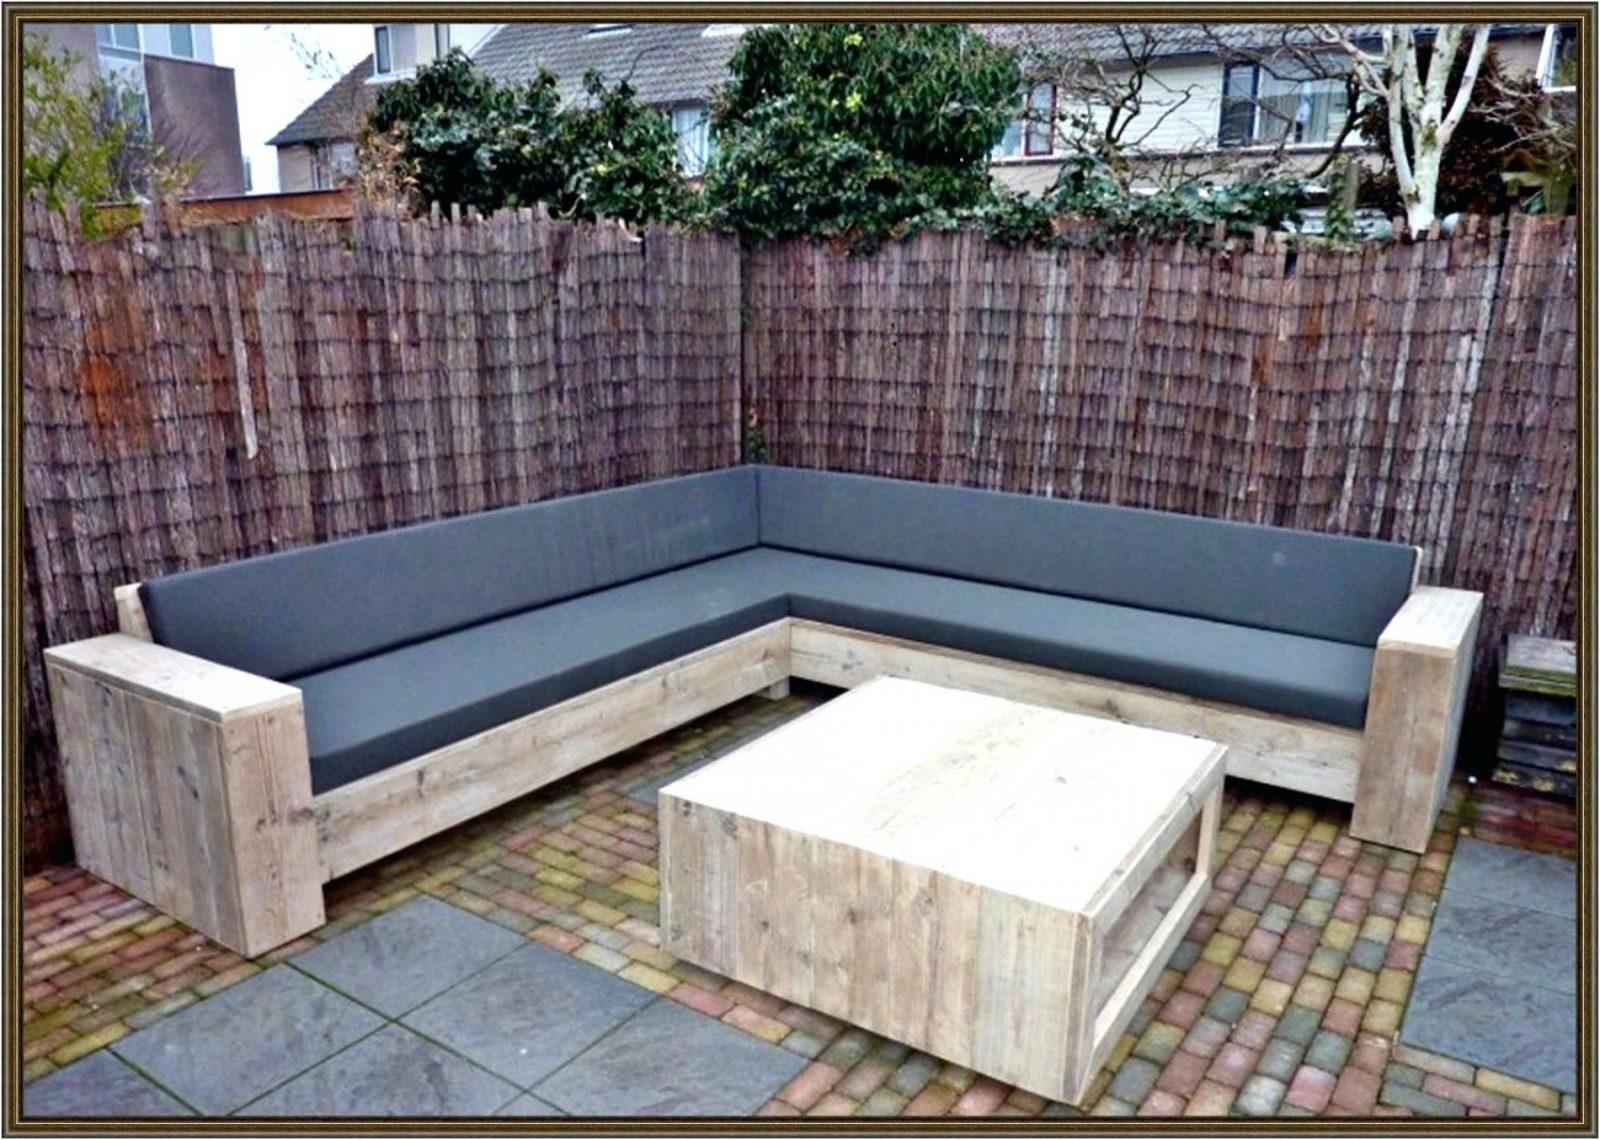 Terrassenmobel Selber Bauen Einzigartig Gartenmabel Profituitcom von Lounge Möbel Garten Selber Bauen Photo